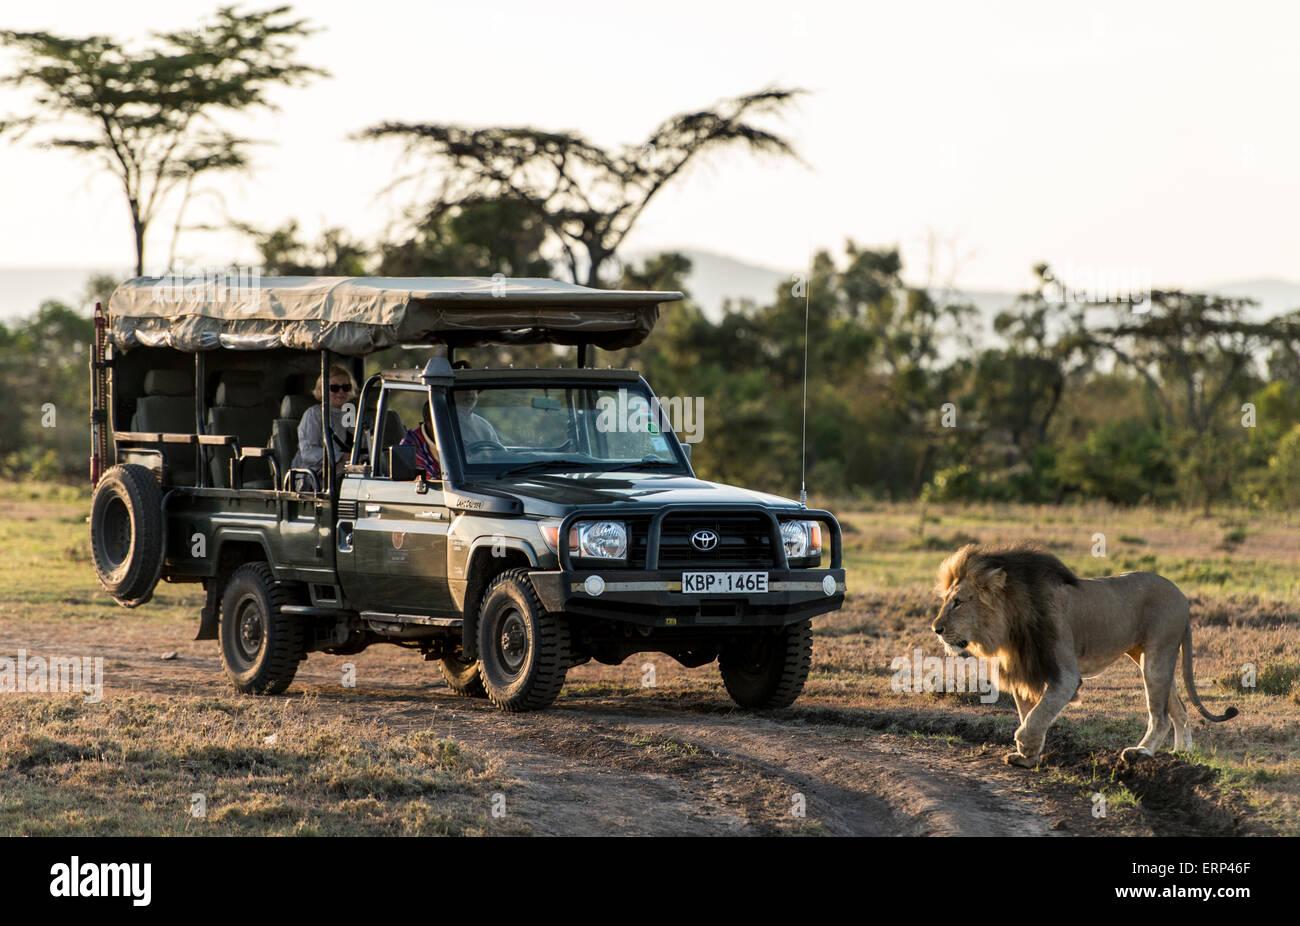 Adult male lion (Panthera leo) and safari car Mara Naboisho conservancy Kenya Africa - Stock Image